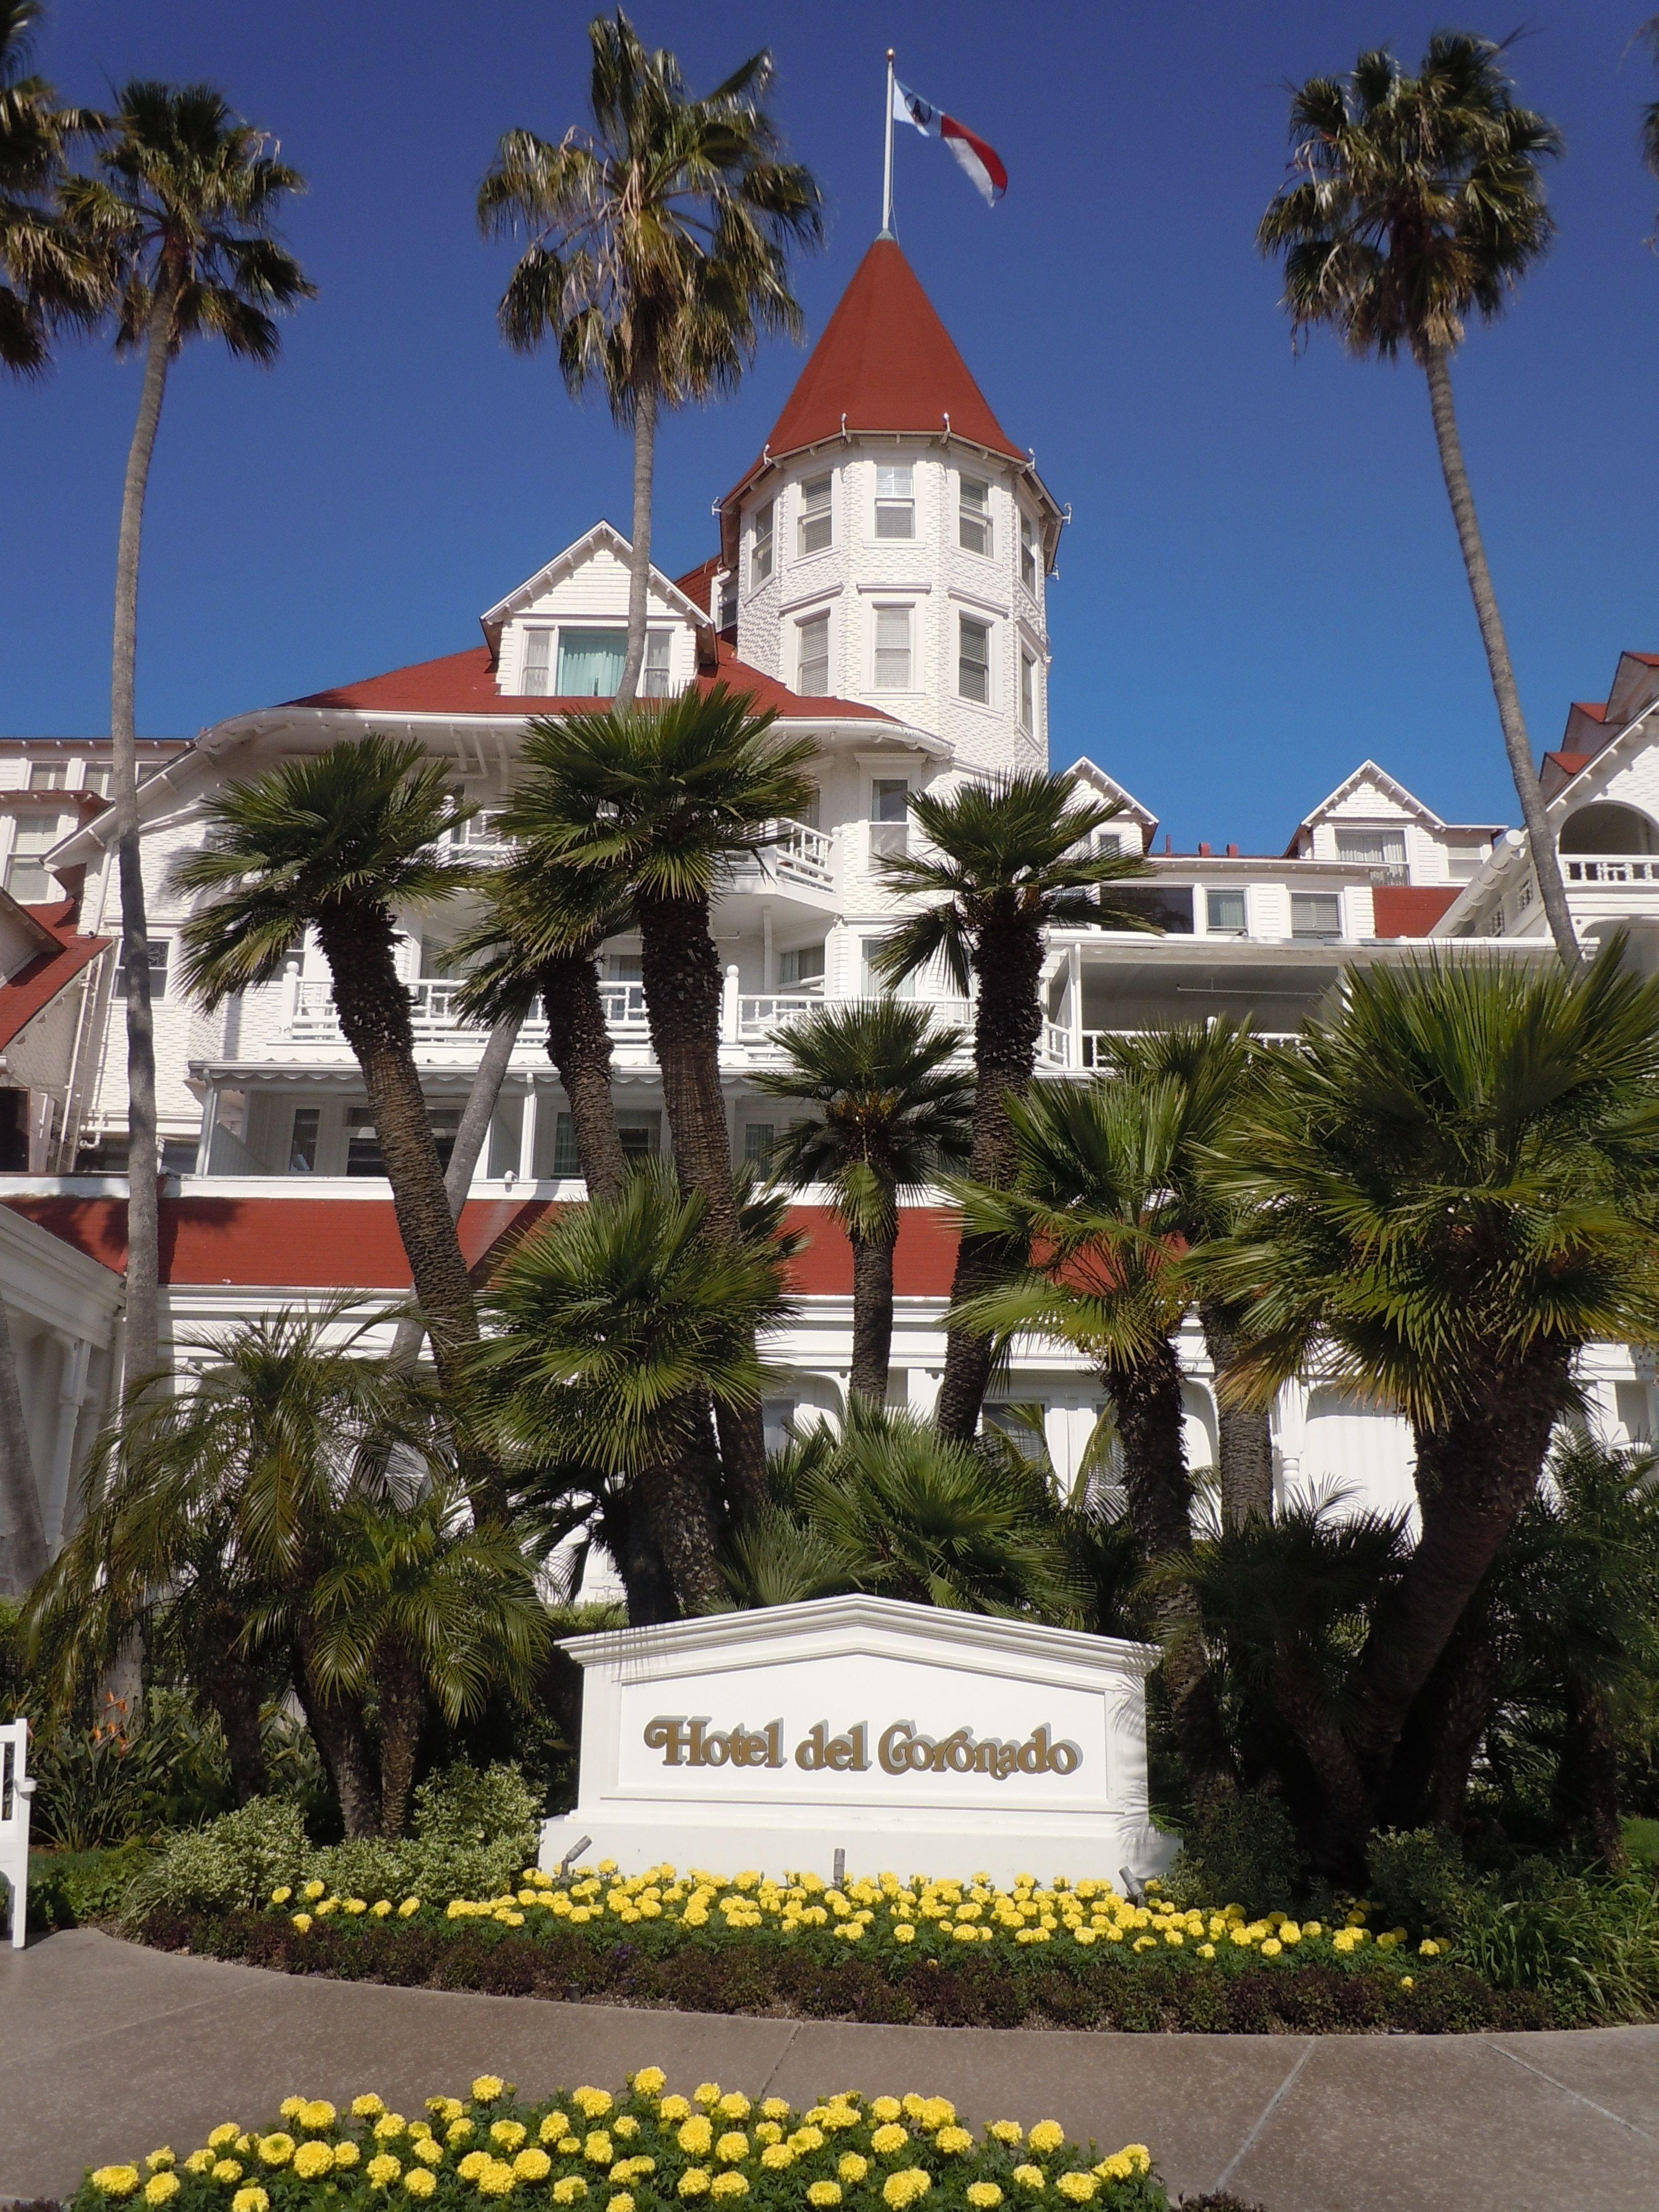 Coronado, CA Hotel Del Coronado: Located On 28